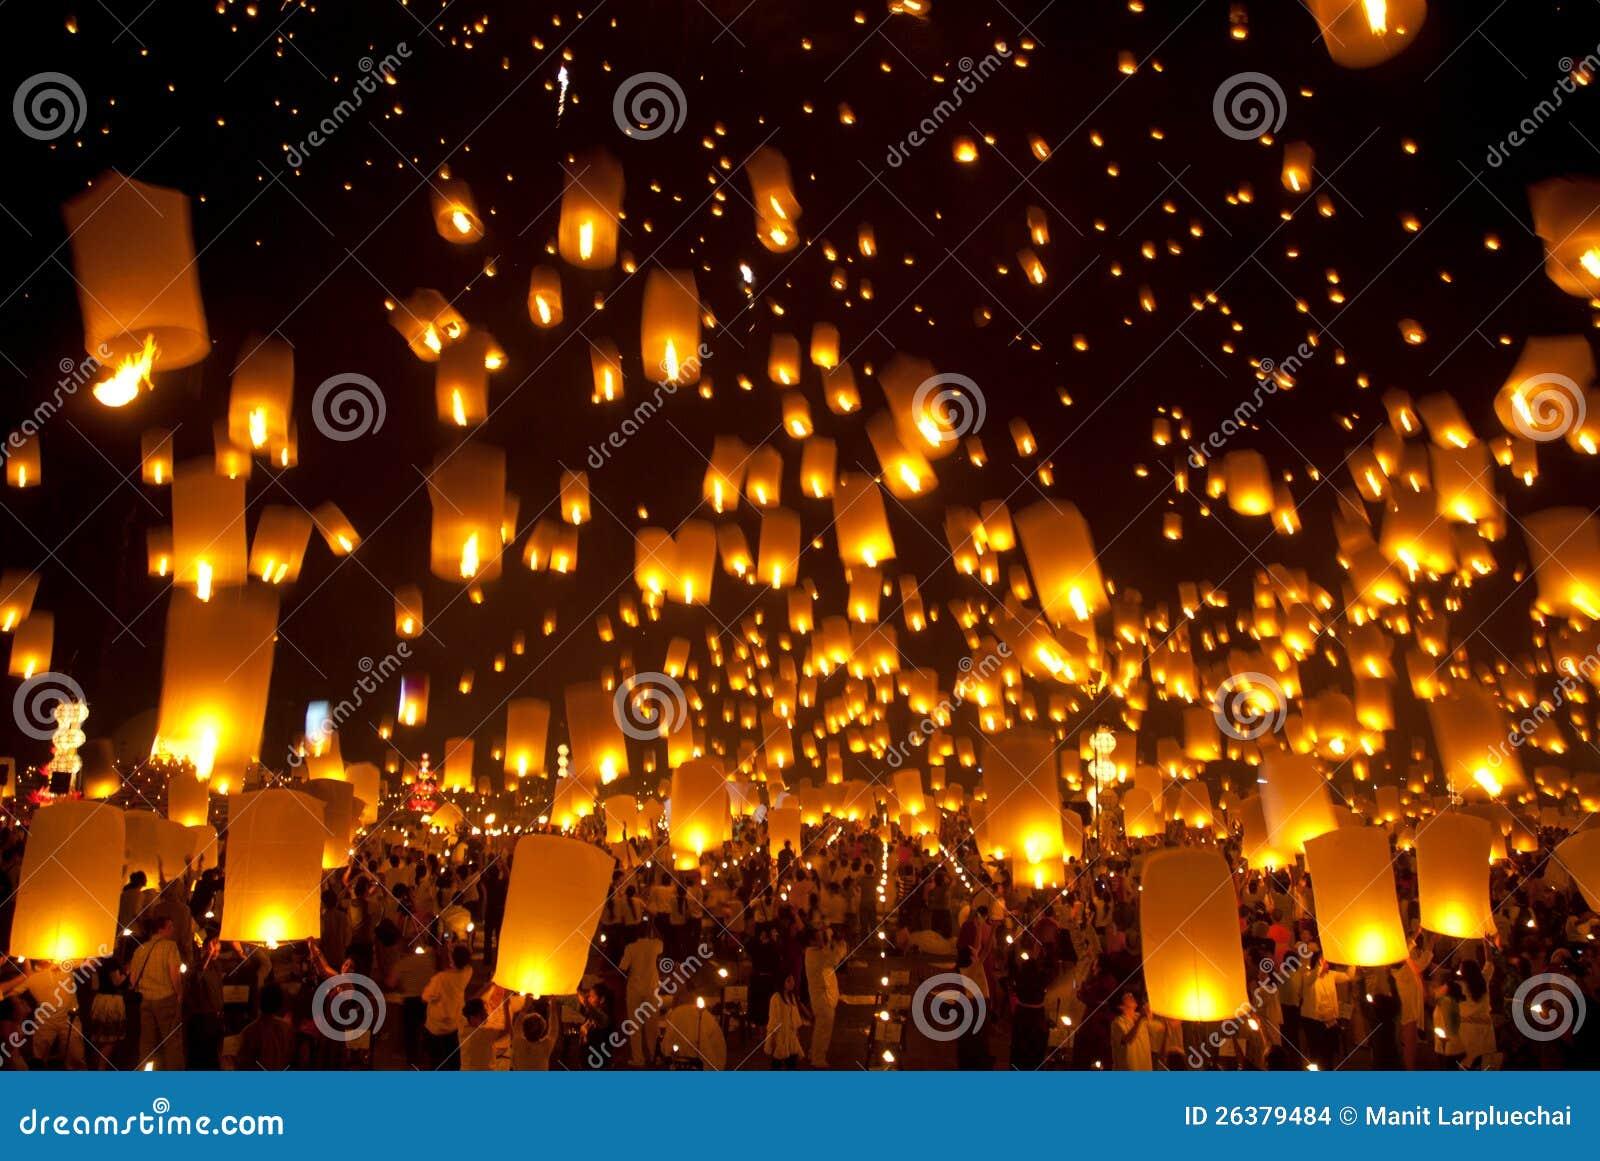 Balonowy Newyear tajlandzki tradycyjny lampion.